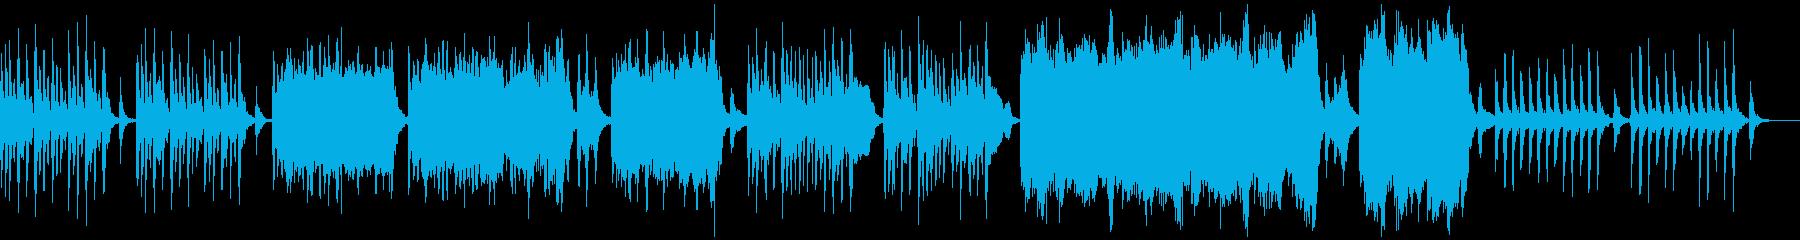 のどかで明るいストリングスと木管のBGMの再生済みの波形